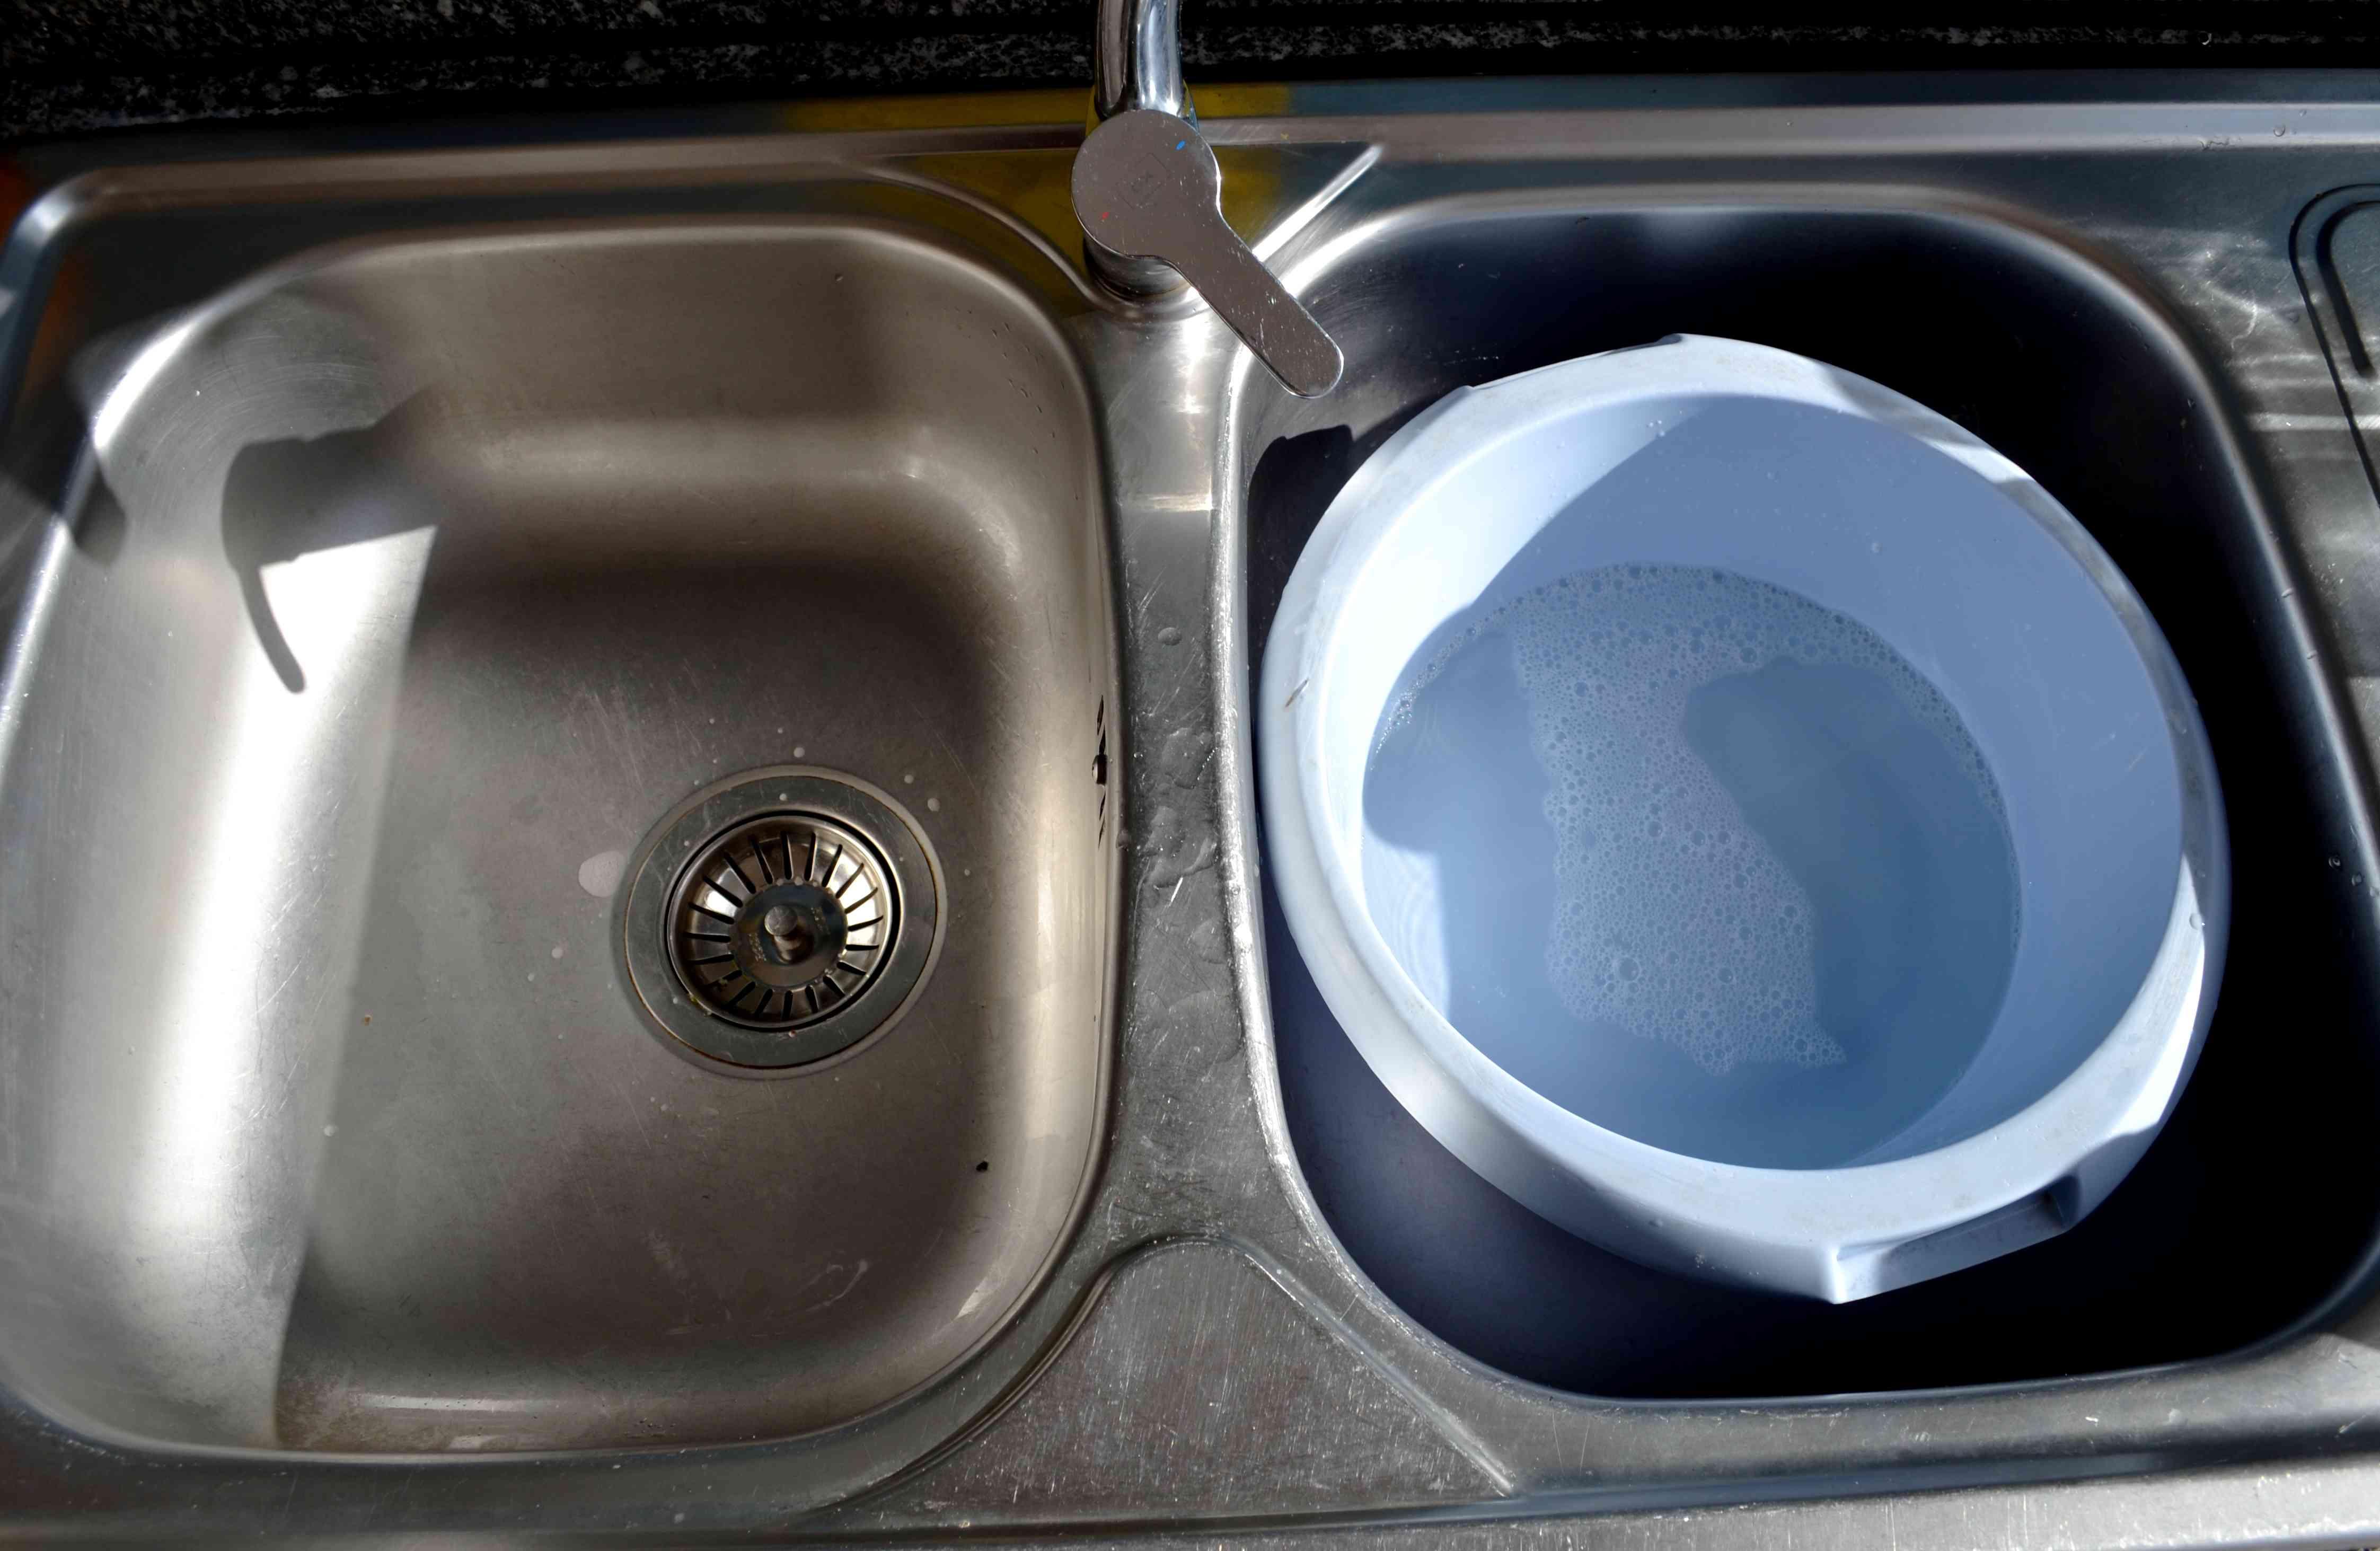 Lart De Laver Sa Vaisselle La Main Avec Seulement 2L D